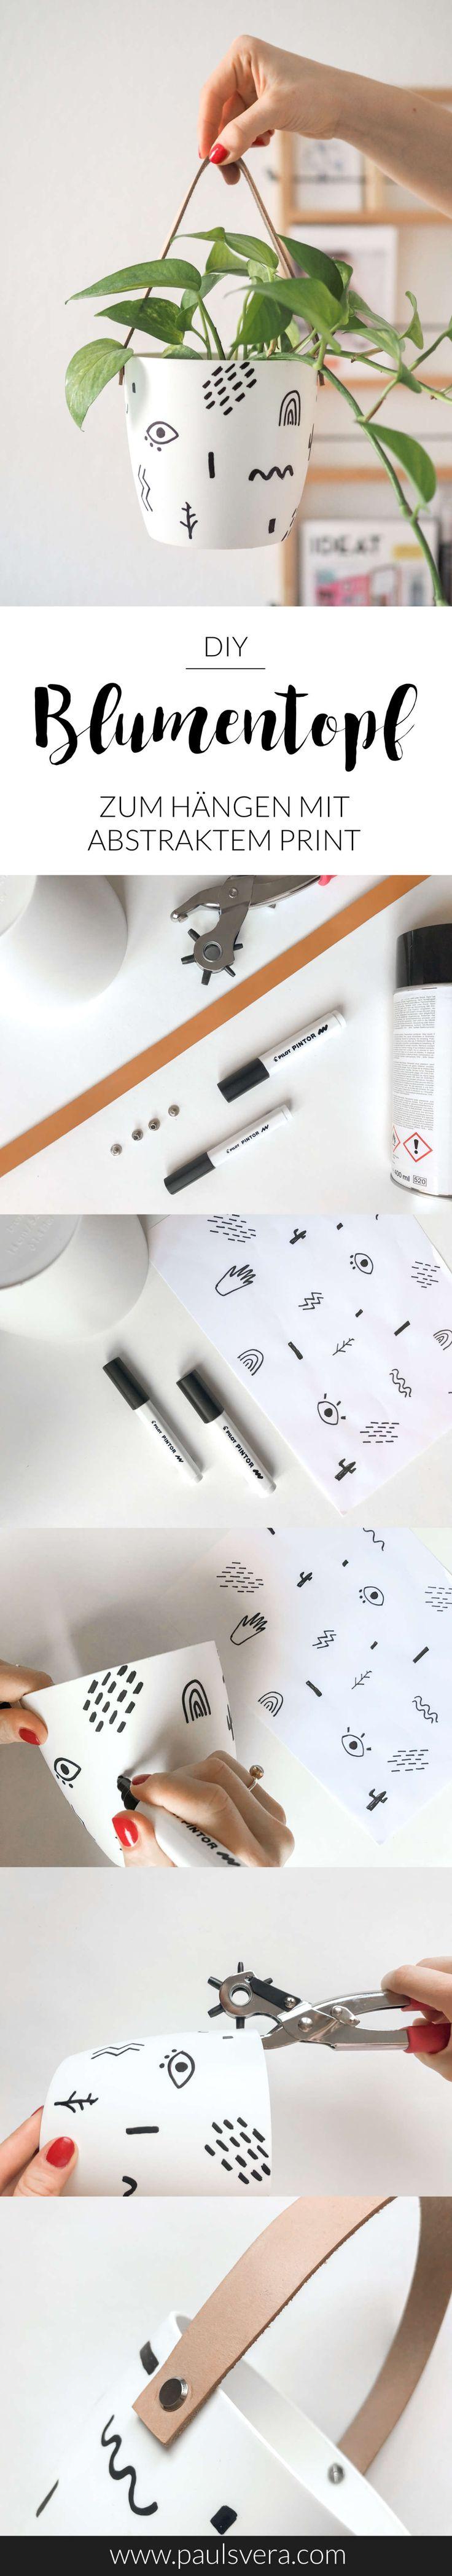 DIY-Hängeblumentopf mit Lederriemen und abstraktem Print für dein modernes Zuhause! Die Anleitung zum Selber Machen und viele weitere DIY Deko Ideen gibt's hier